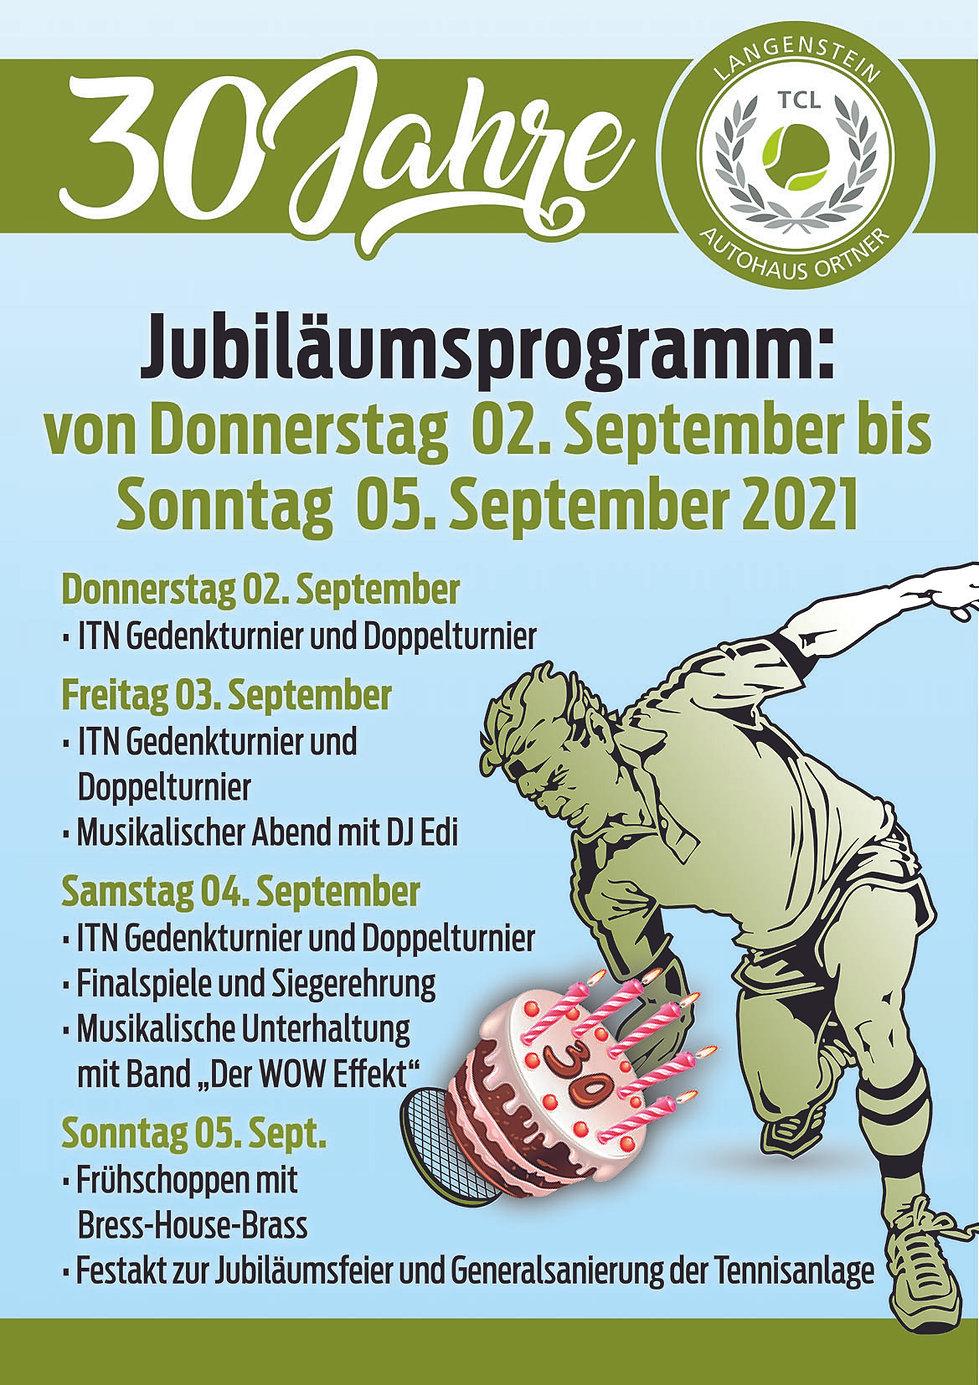 30 Jahre Jubiläum_A5_Ersatztermin_mail.jpg